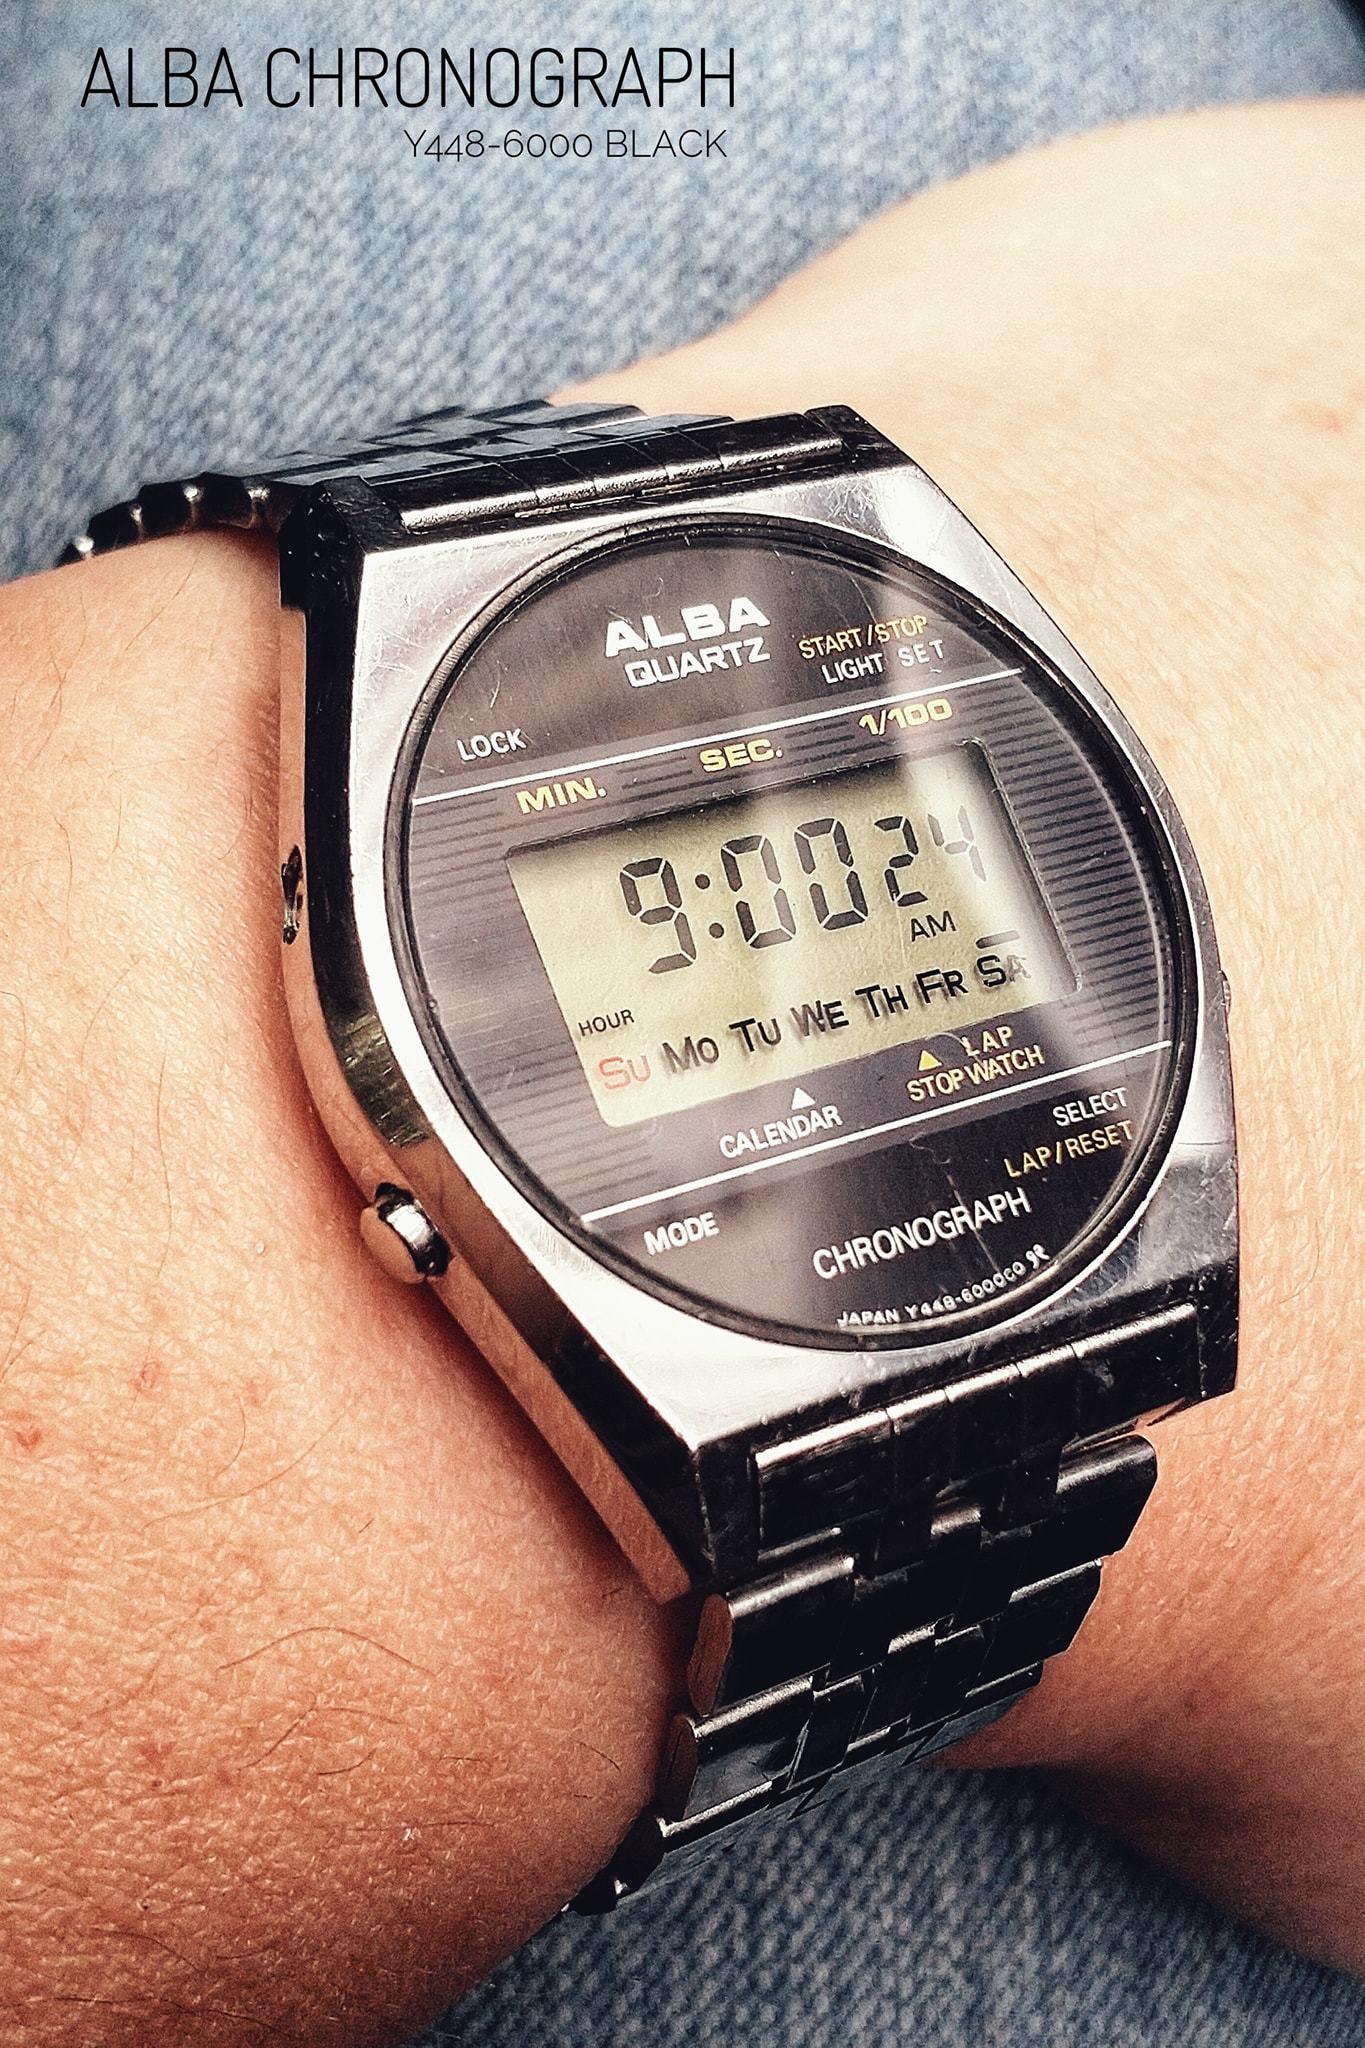 Alba Y448-6000 Black